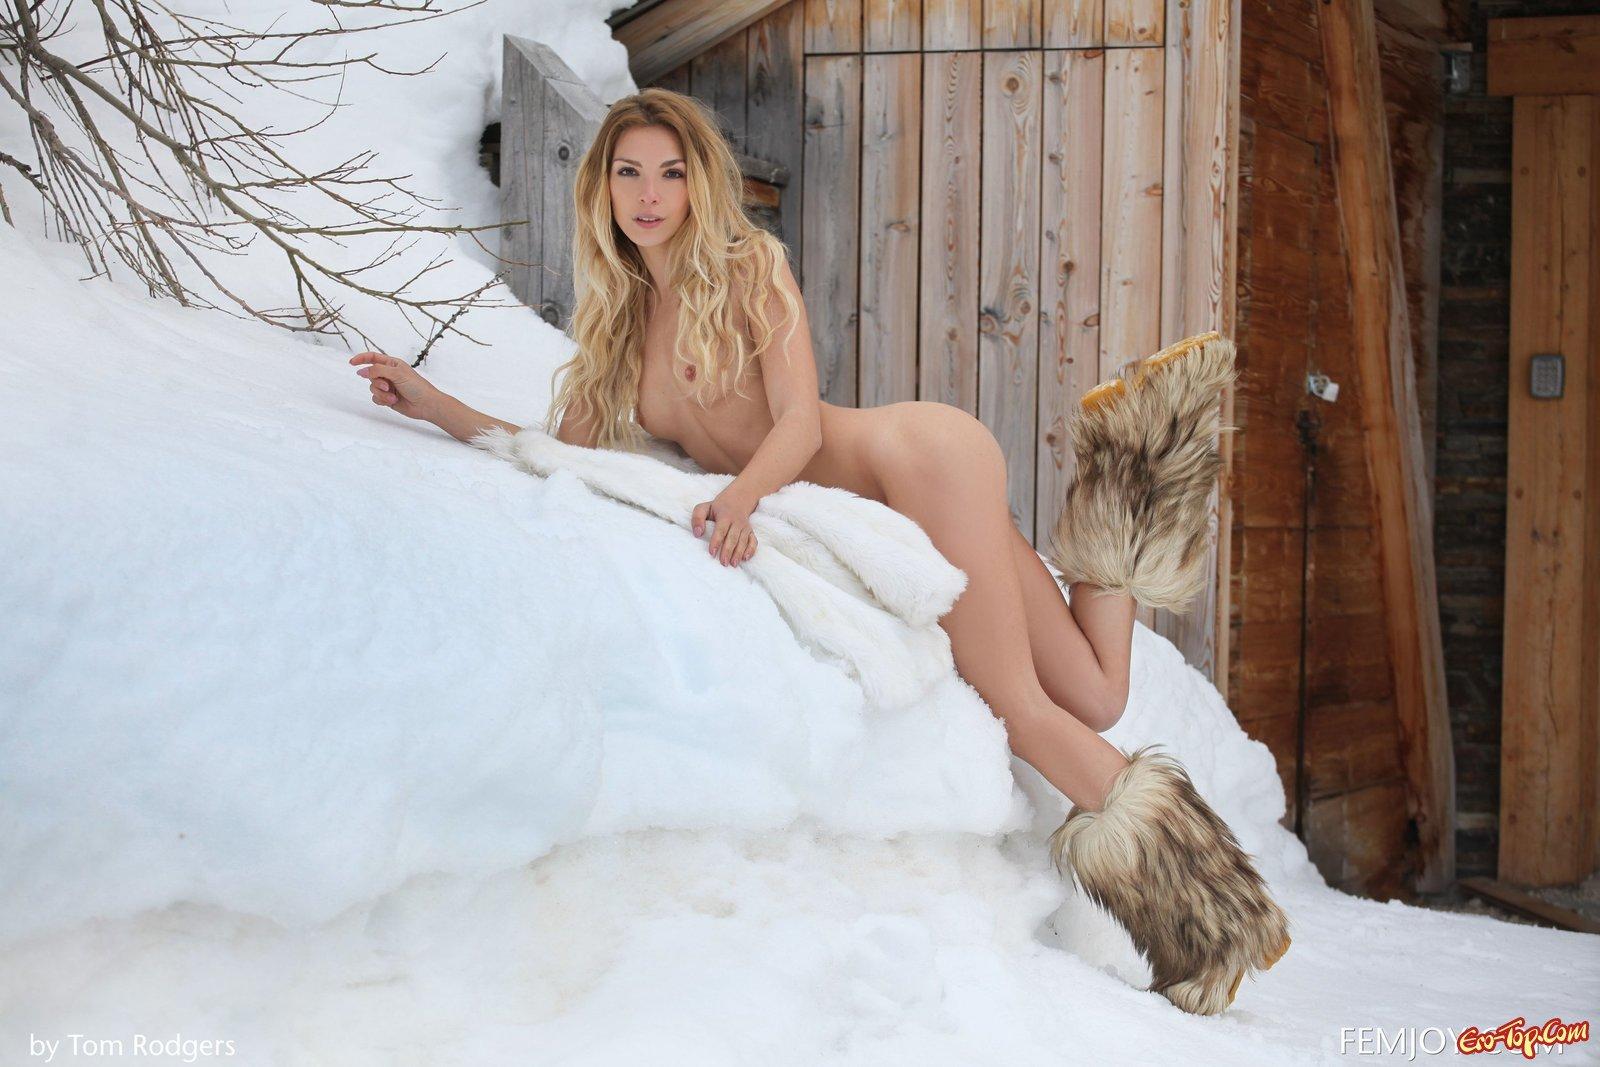 Голая блондинка в шубе позирует на снегу